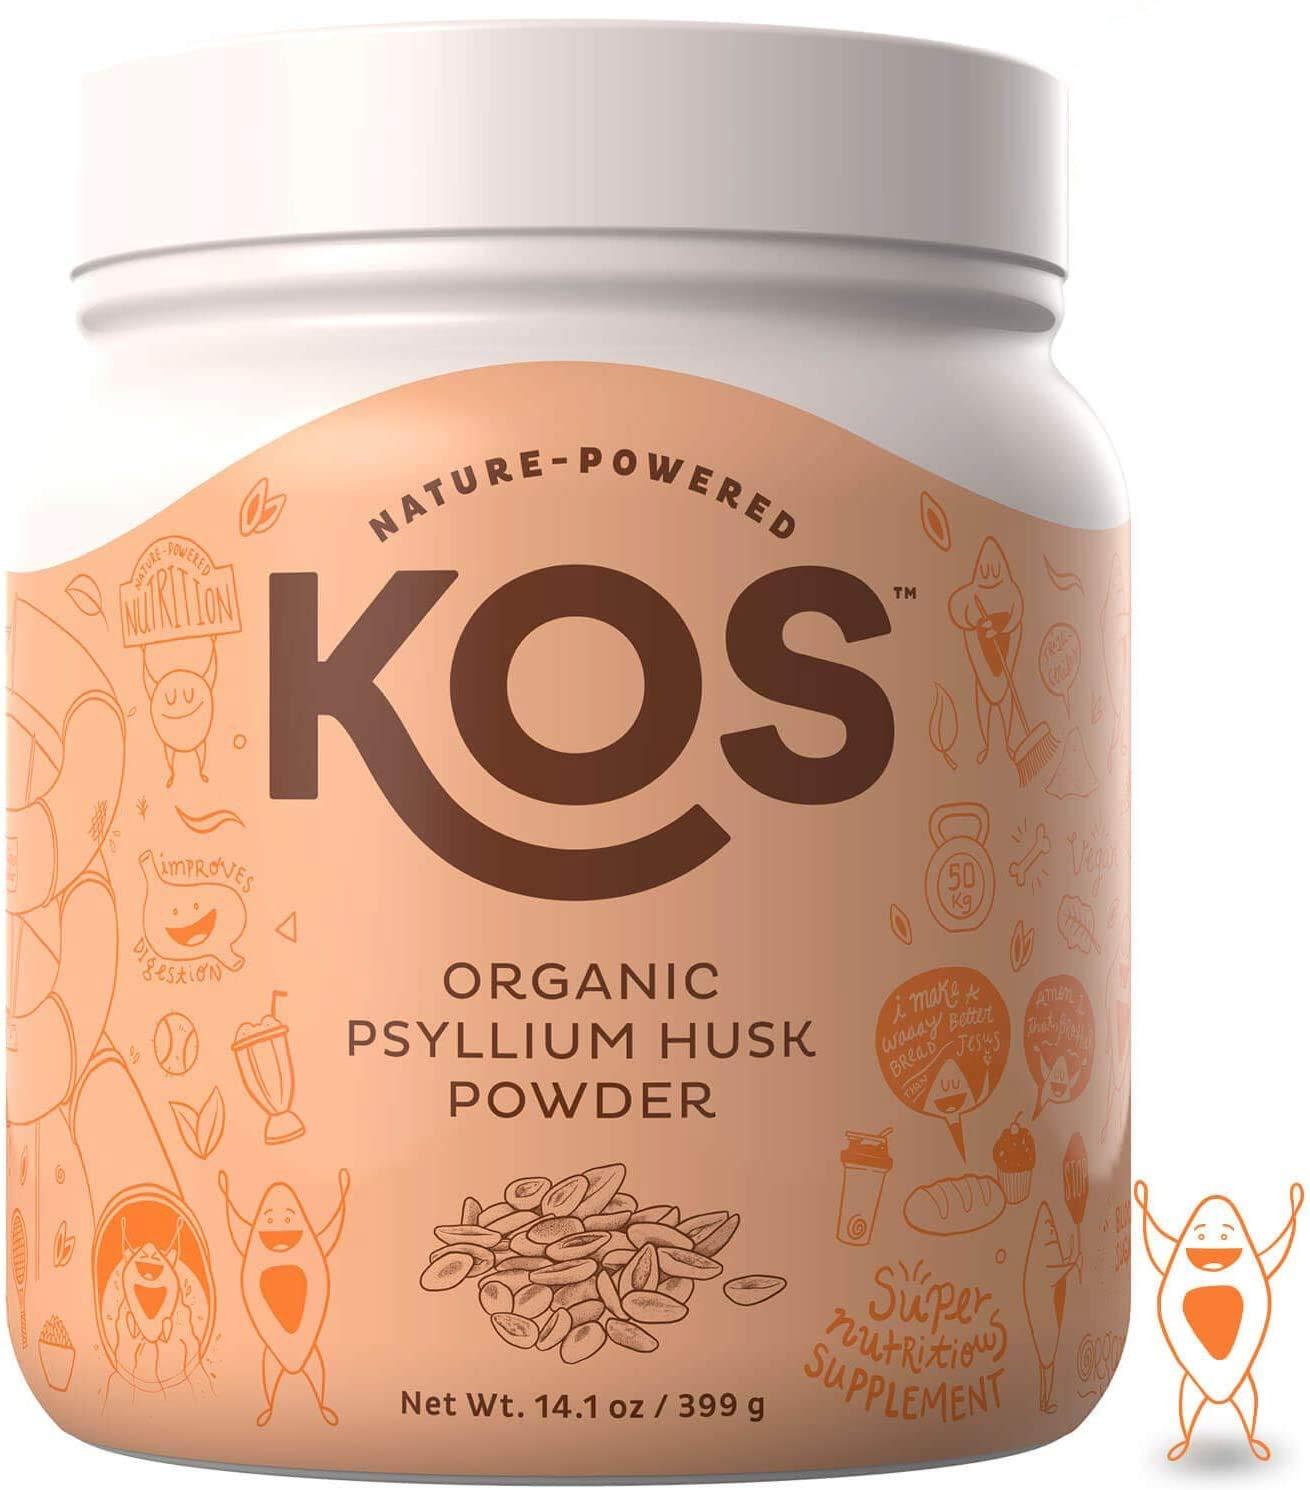 KOS Organic Psyllium Husk Powder - Everyday Fiber Support Psyllium Husk Powder - Finely Ground for Easy Mixing & Baking (Keto Bread) USDA Organic Plant Based Ingredient, 399g, 105 Servings